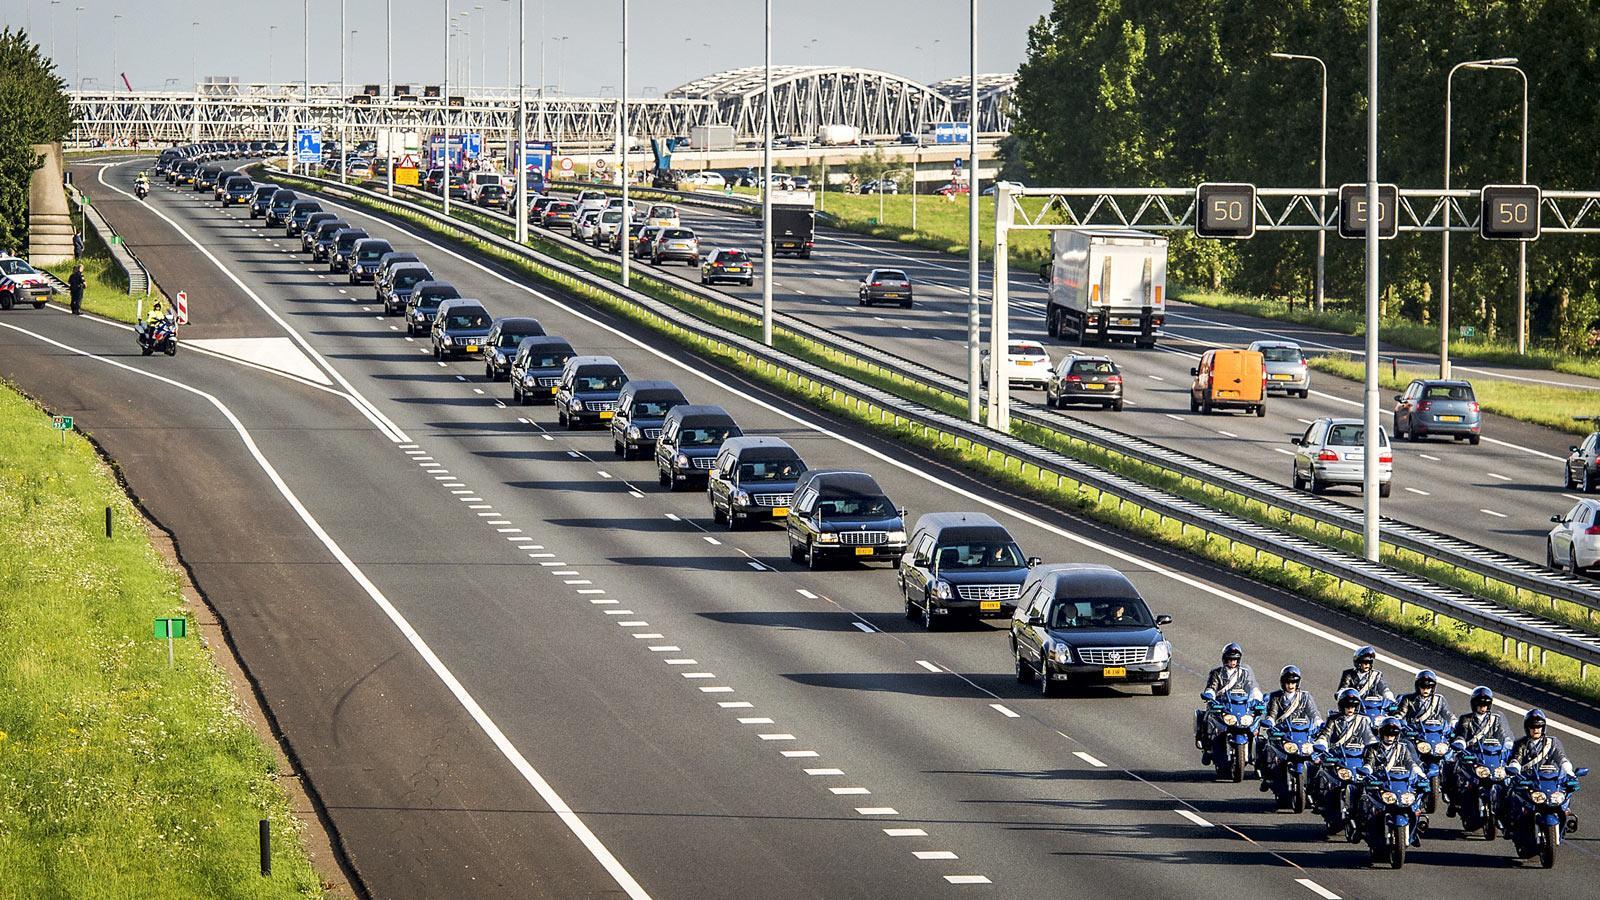 RT @RTLNieuwsnl: MH17 dag 7: Opnieuw indrukwekkend ontvangst slachtoffers en marechaussees naar Oekra?ne http://t.co/AMkKo7vOdO http://t.co?